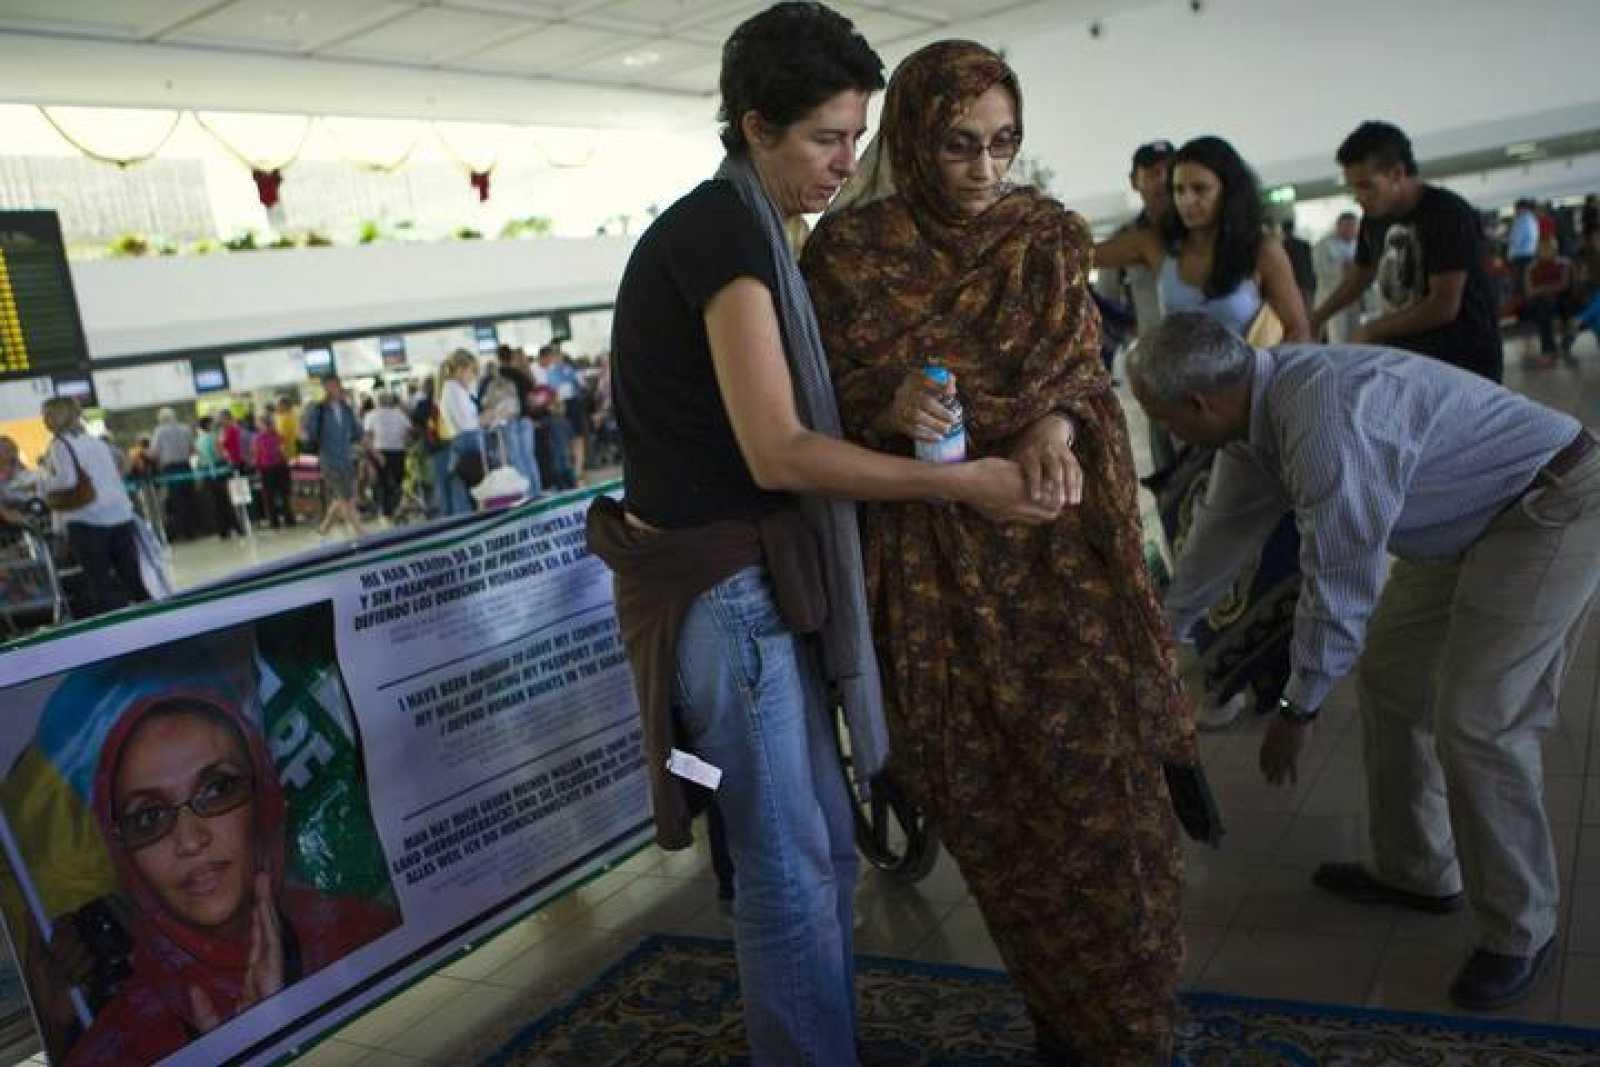 La activista saharaui, Aminatu Haidar, en el aeropuerto de Lanzarote donde mantiene una huelga de hambre.